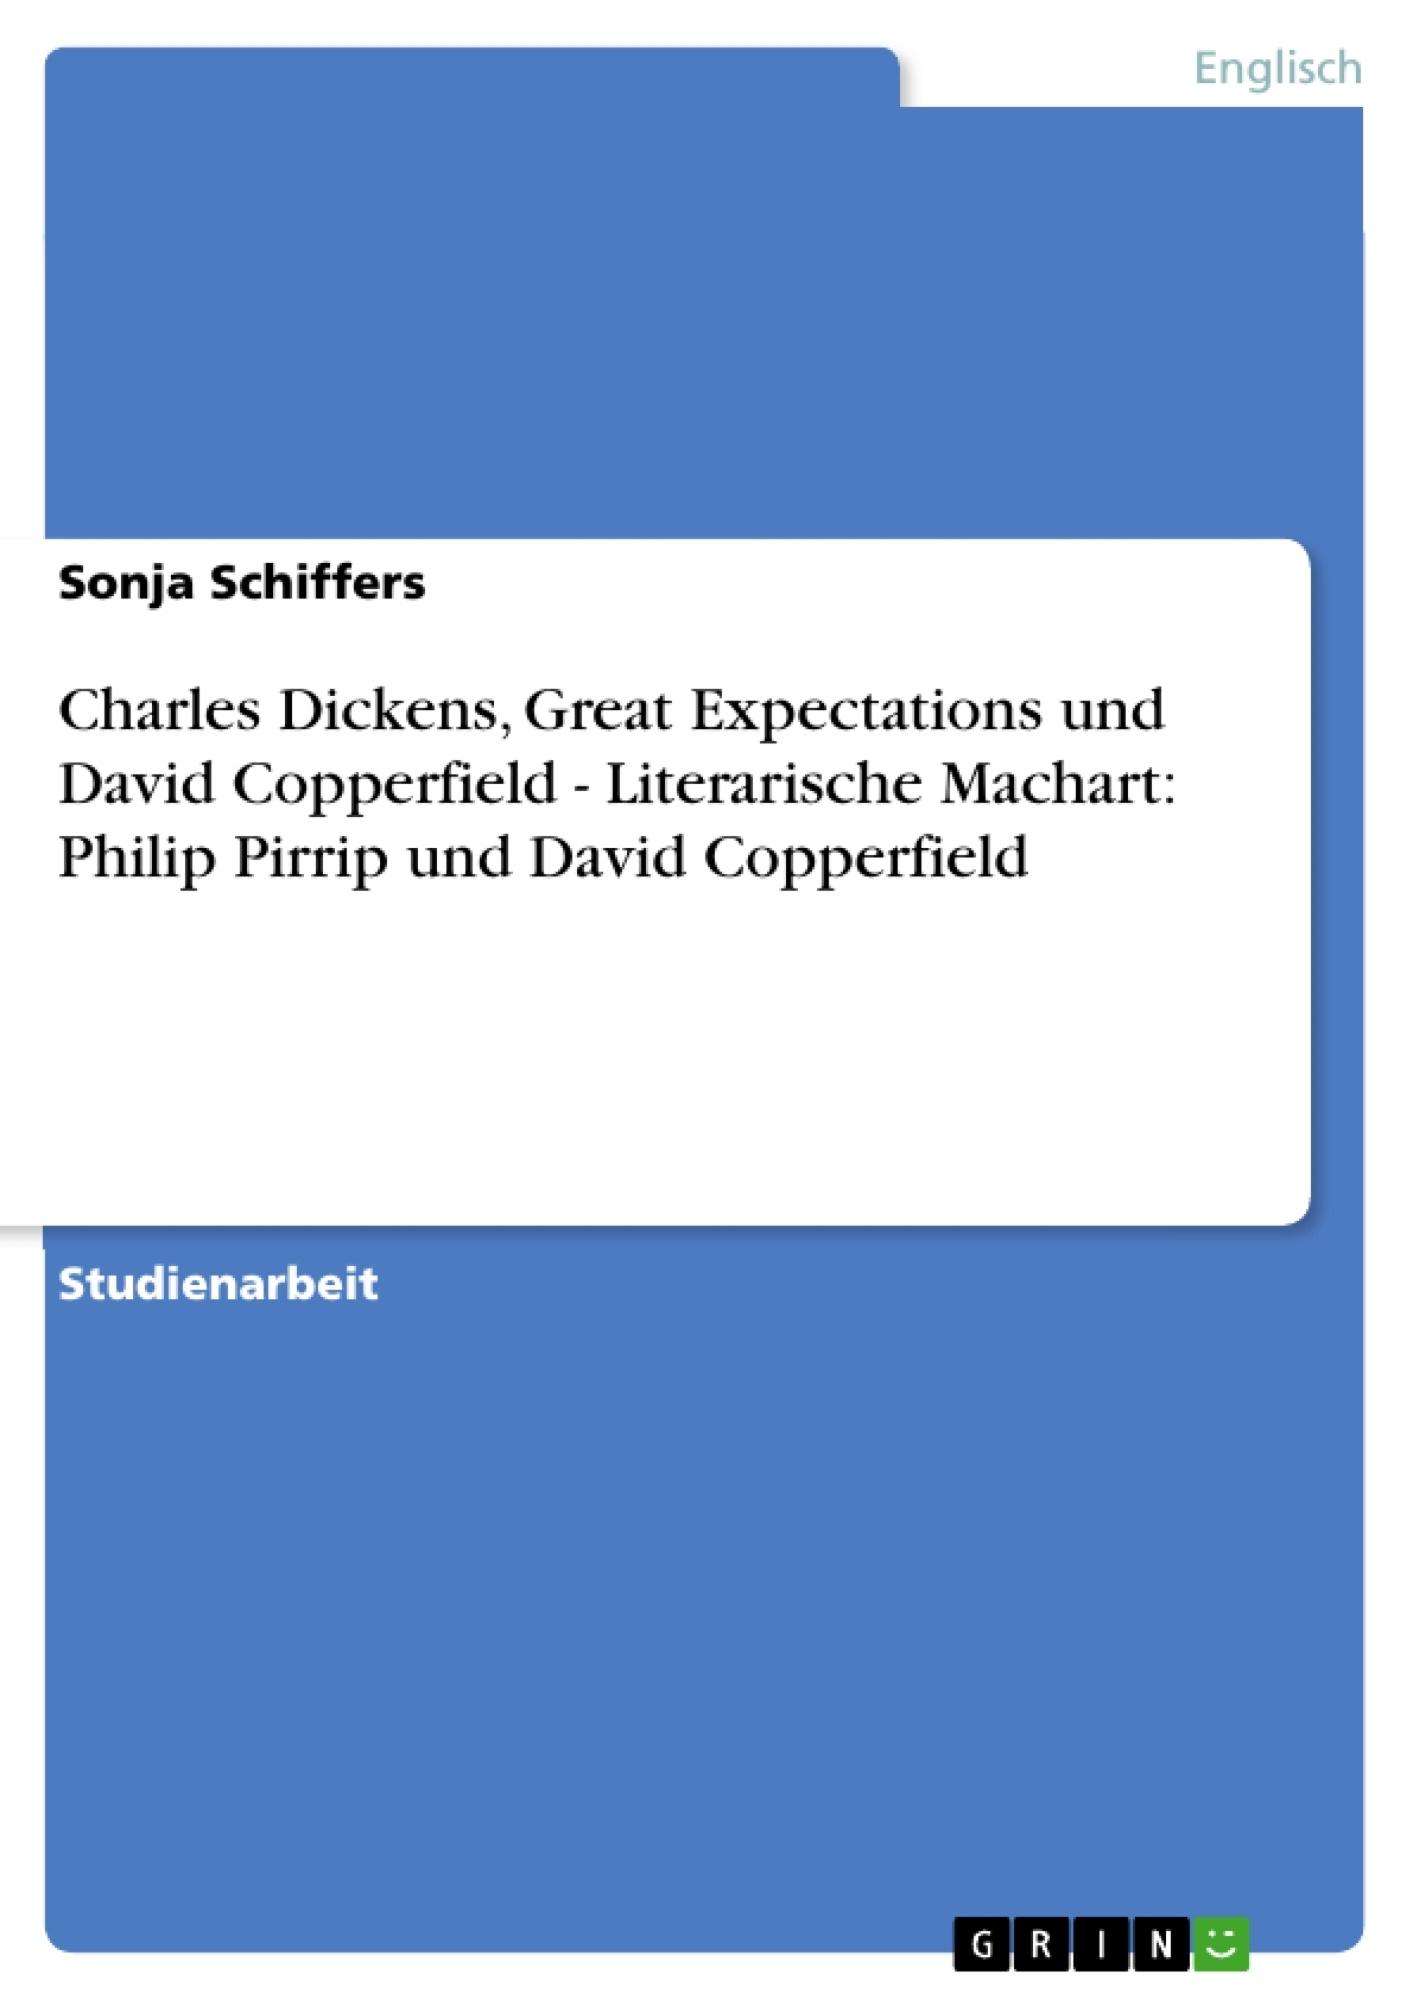 Titel: Charles Dickens,  Great Expectations  und  David Copperfield  - Literarische Machart: Philip Pirrip und David Copperfield